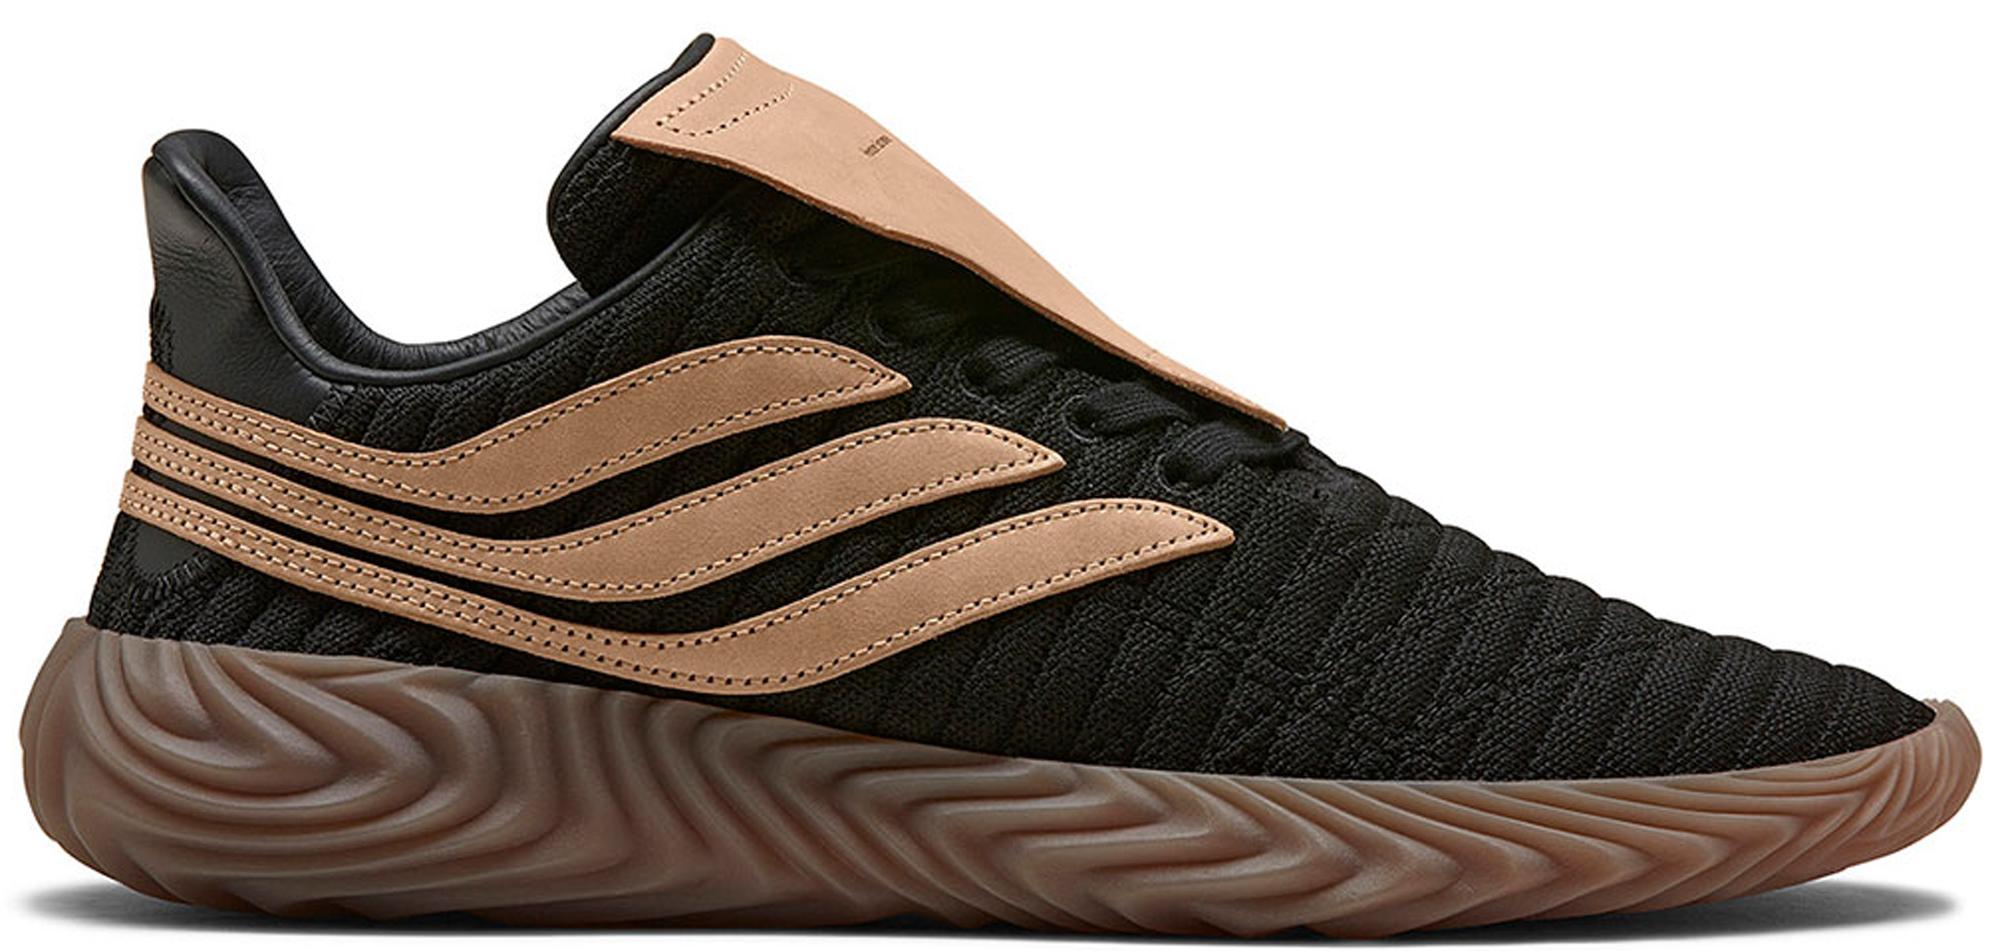 adidas Sobakov Hender Scheme Black